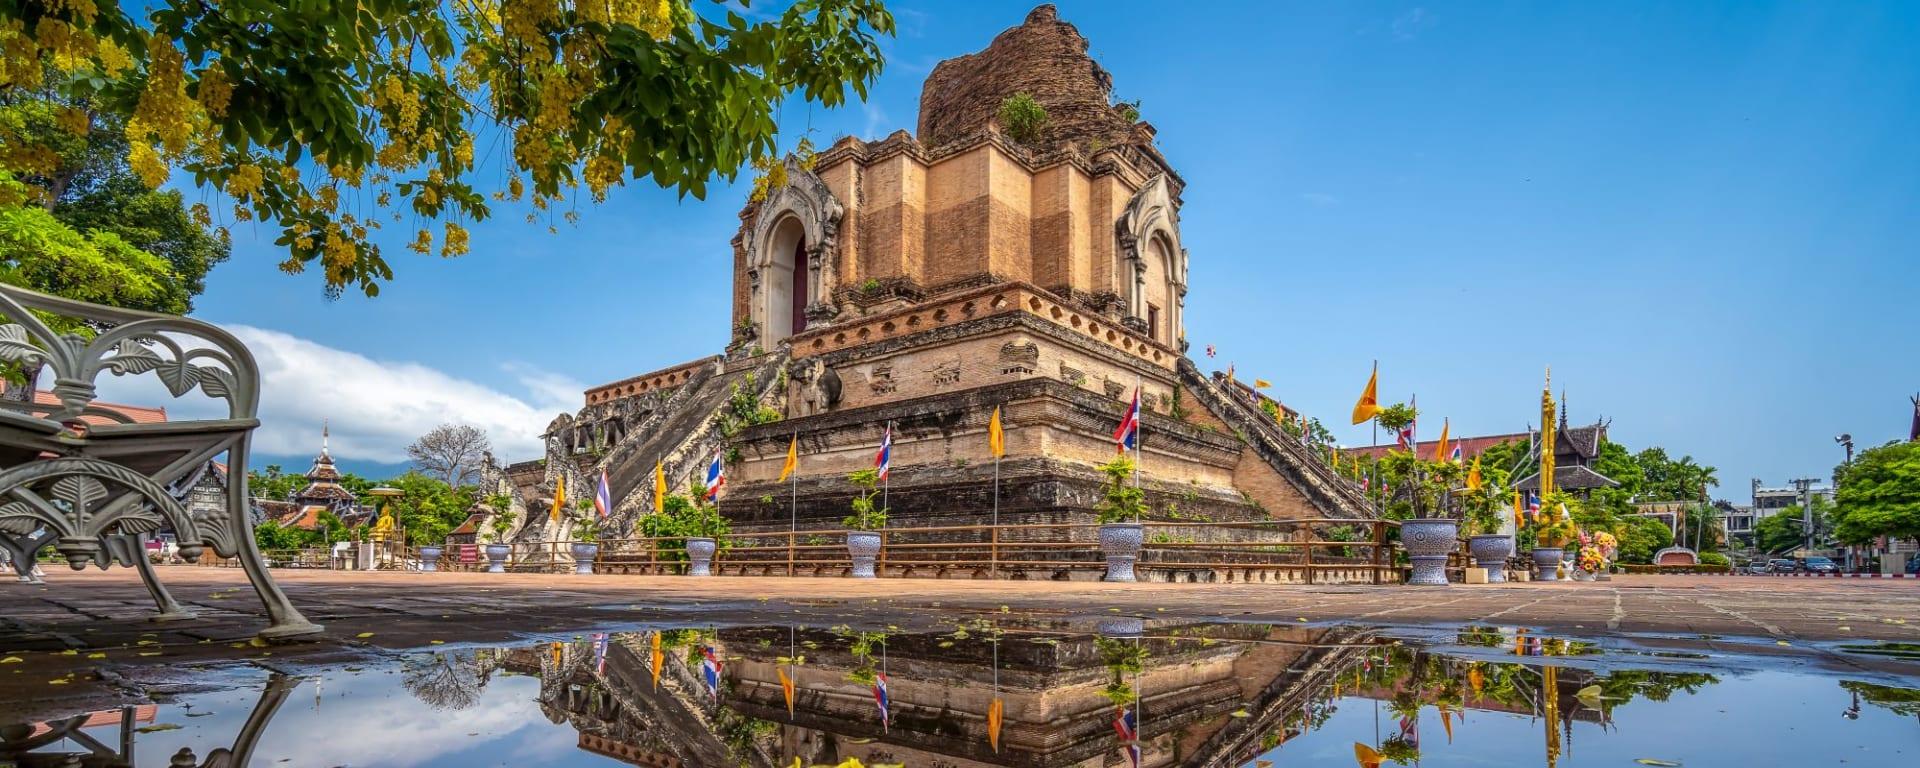 Les hauts lieux de la Thaïlande de Bangkok: Chiang Mai Wat Chedi Luang